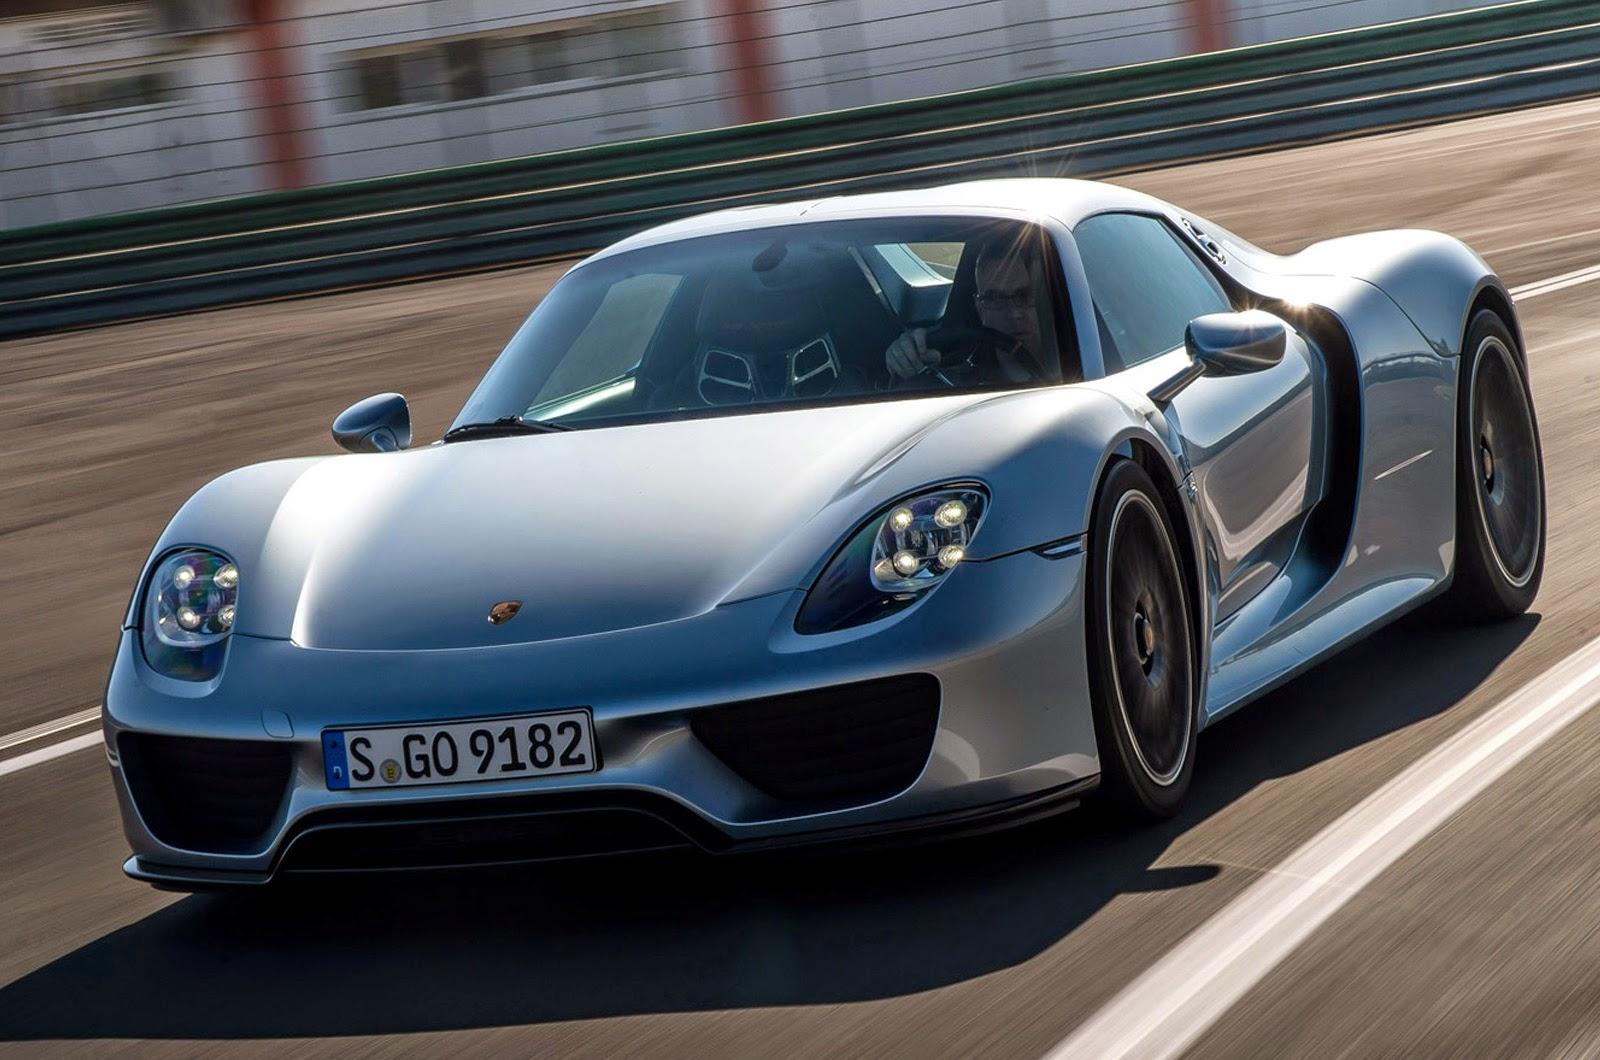 La Nouvelle Porsche 918 Spyder 2015